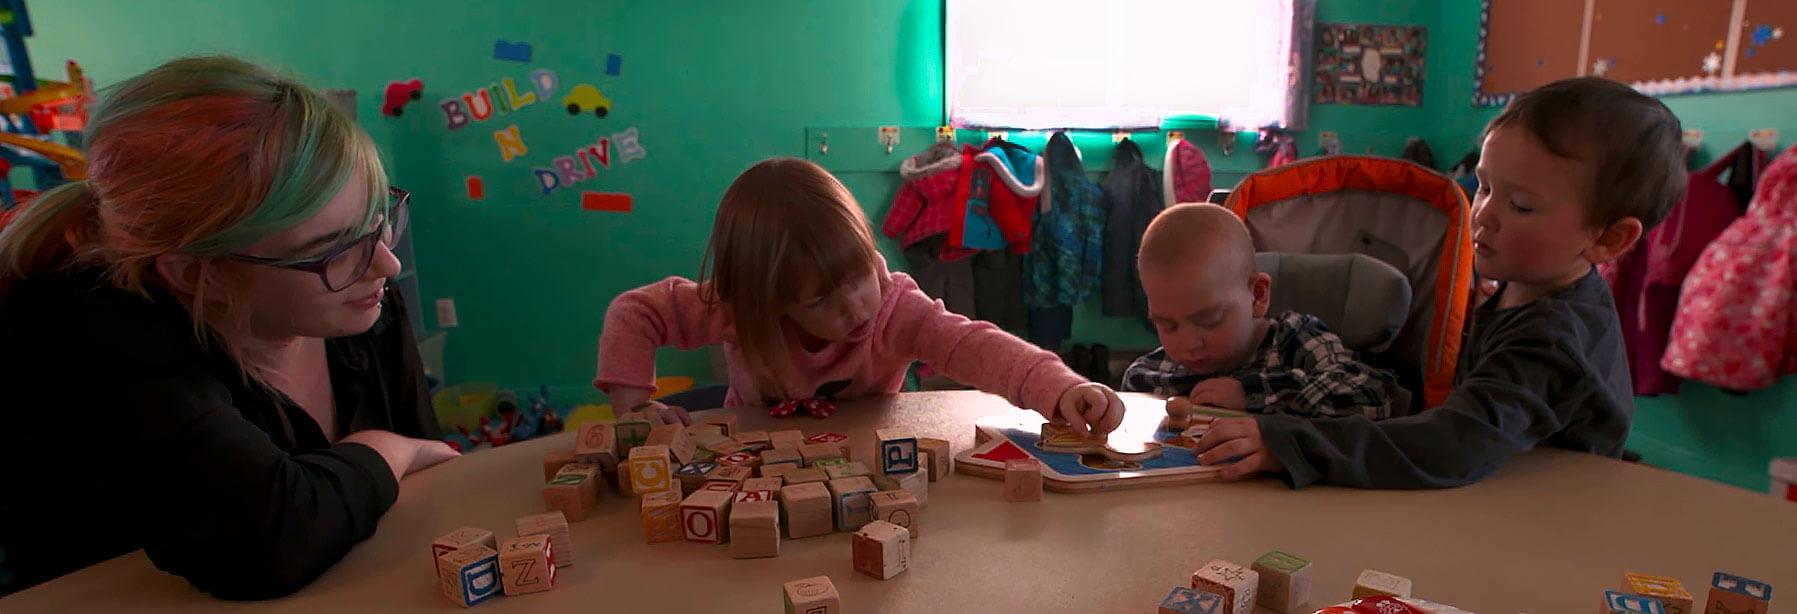 Des enfants jouent autour d'une table avec des cubes sous le regard attentif d'une éducatrice.